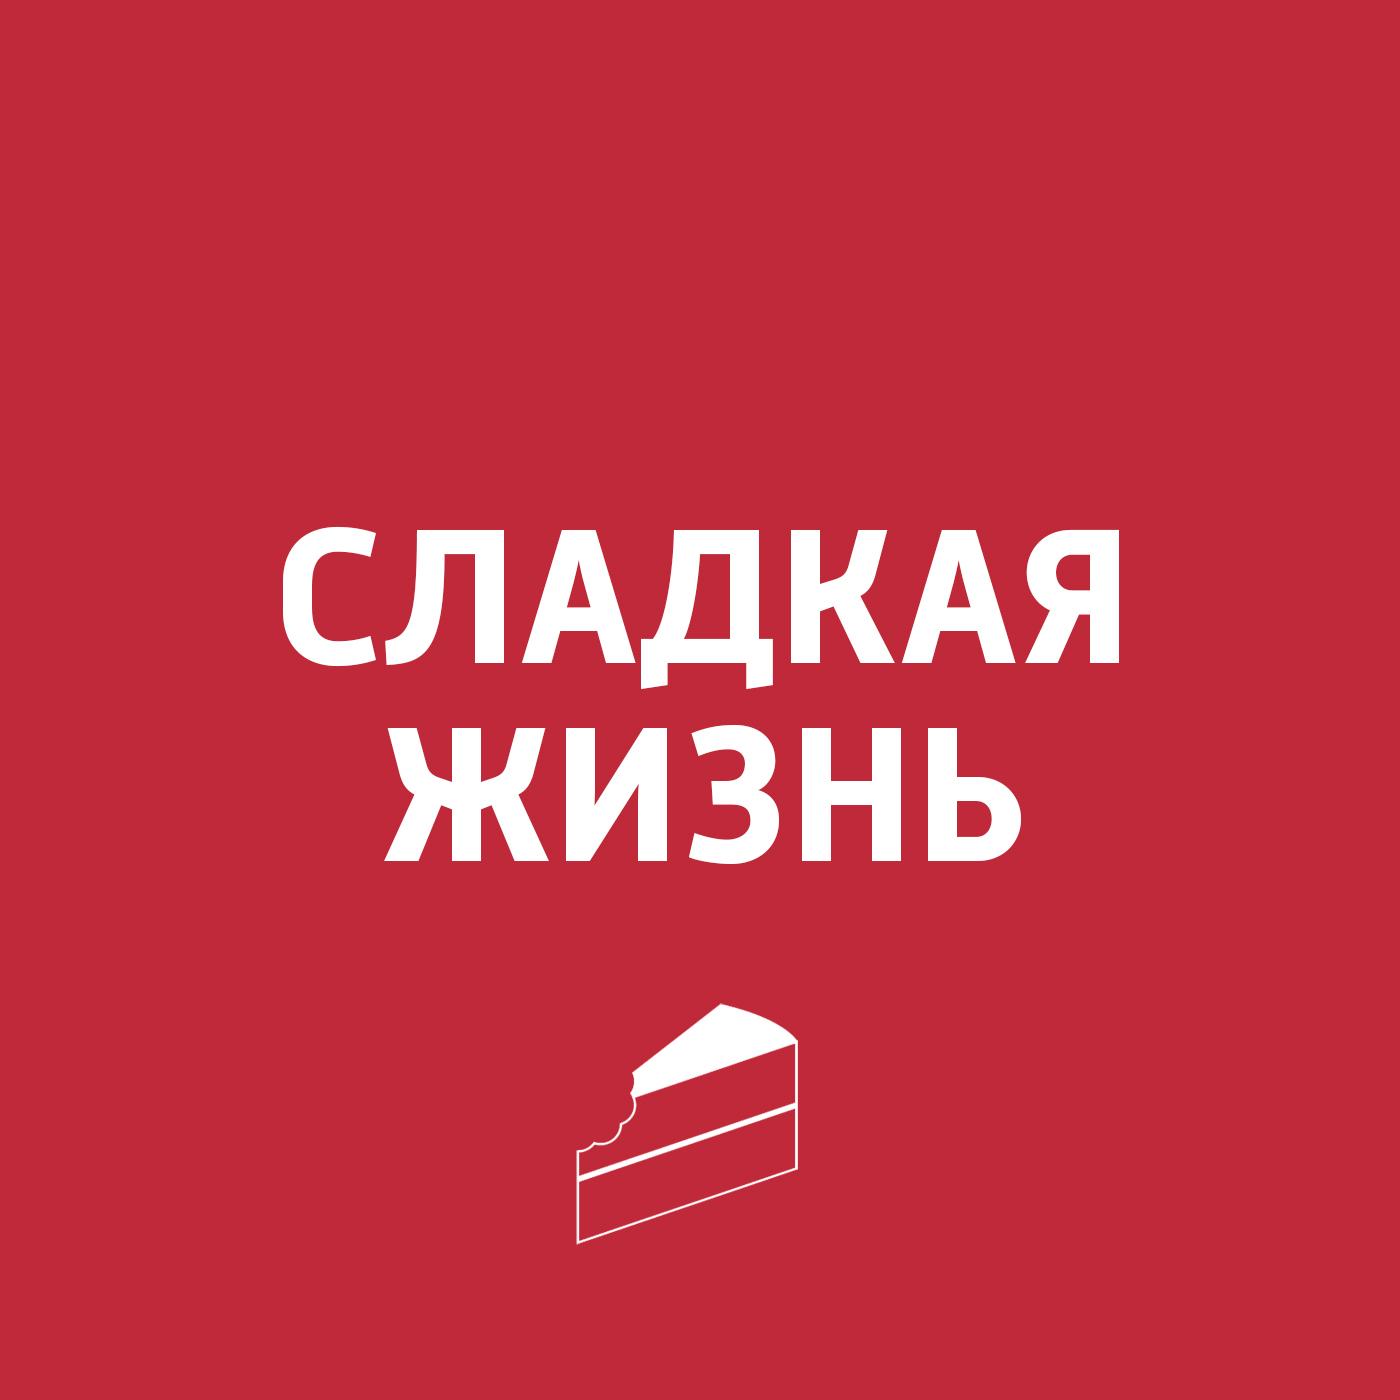 Фото - Картаев Павел Варенье что как звучит